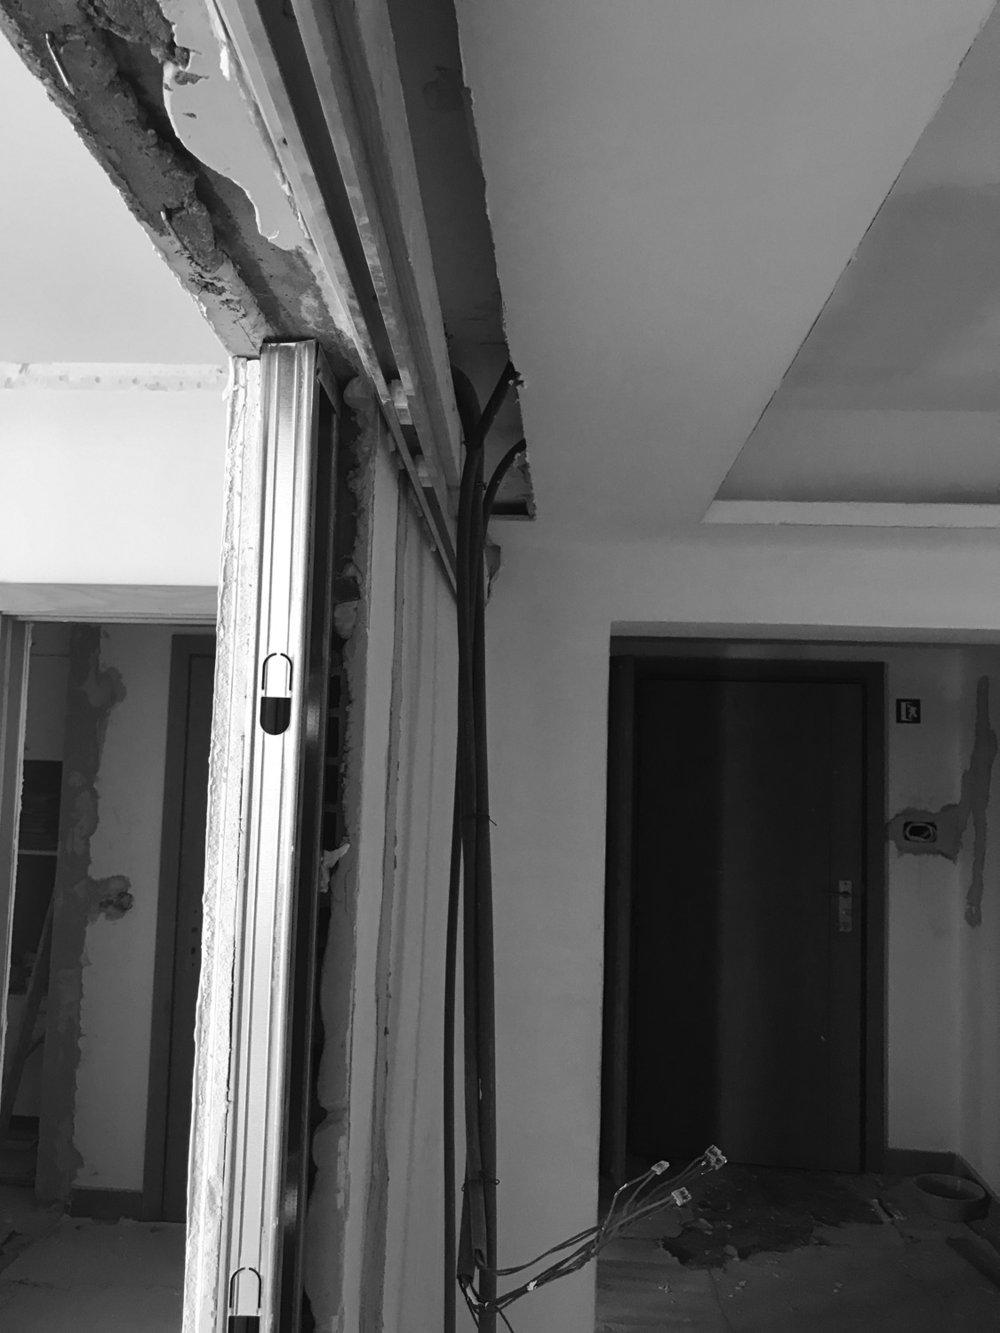 Apartamento Azul Farol - Porto - EVA evolutionary architecture - EVA atelier - Arquitecto - Remodelação (13).jpg